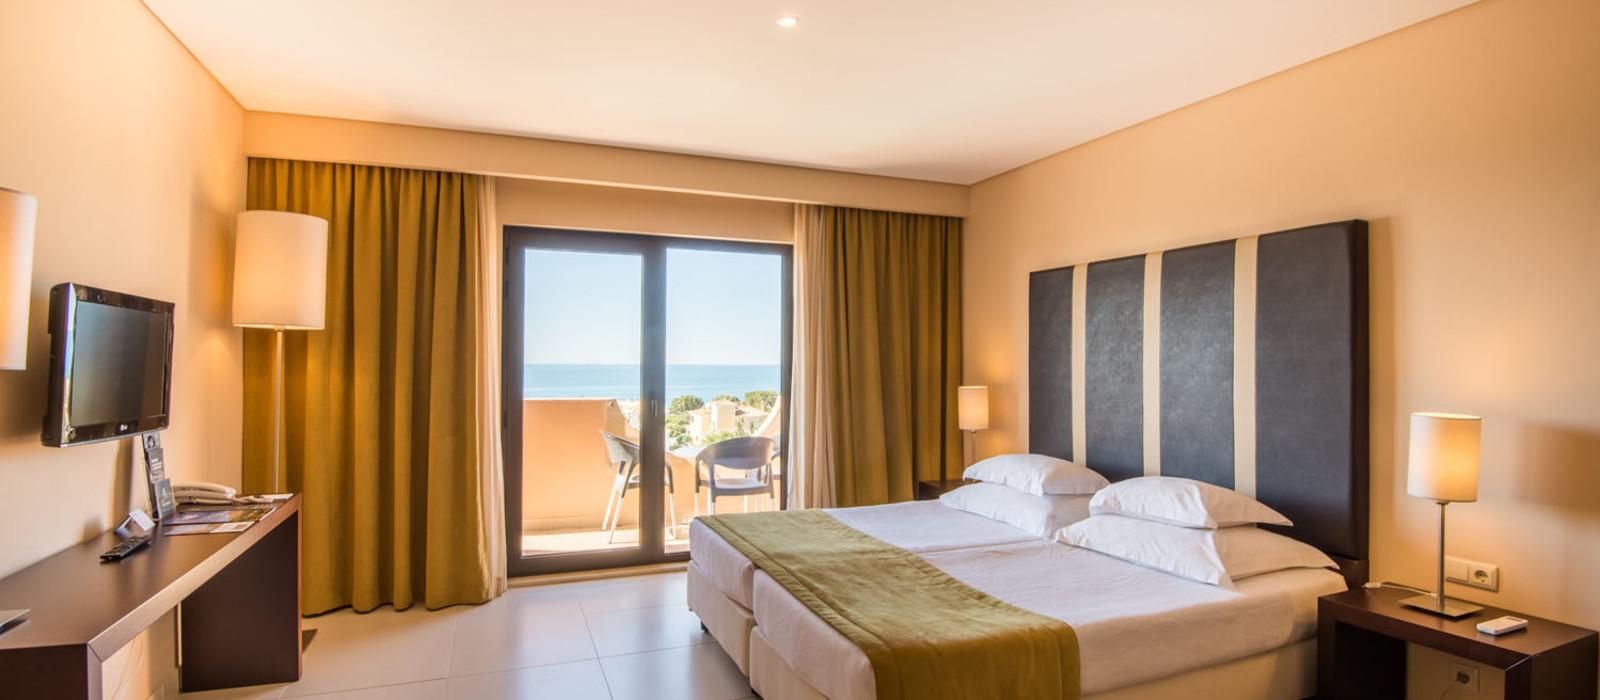 Hotel  Vila Galé Cascais Portugal